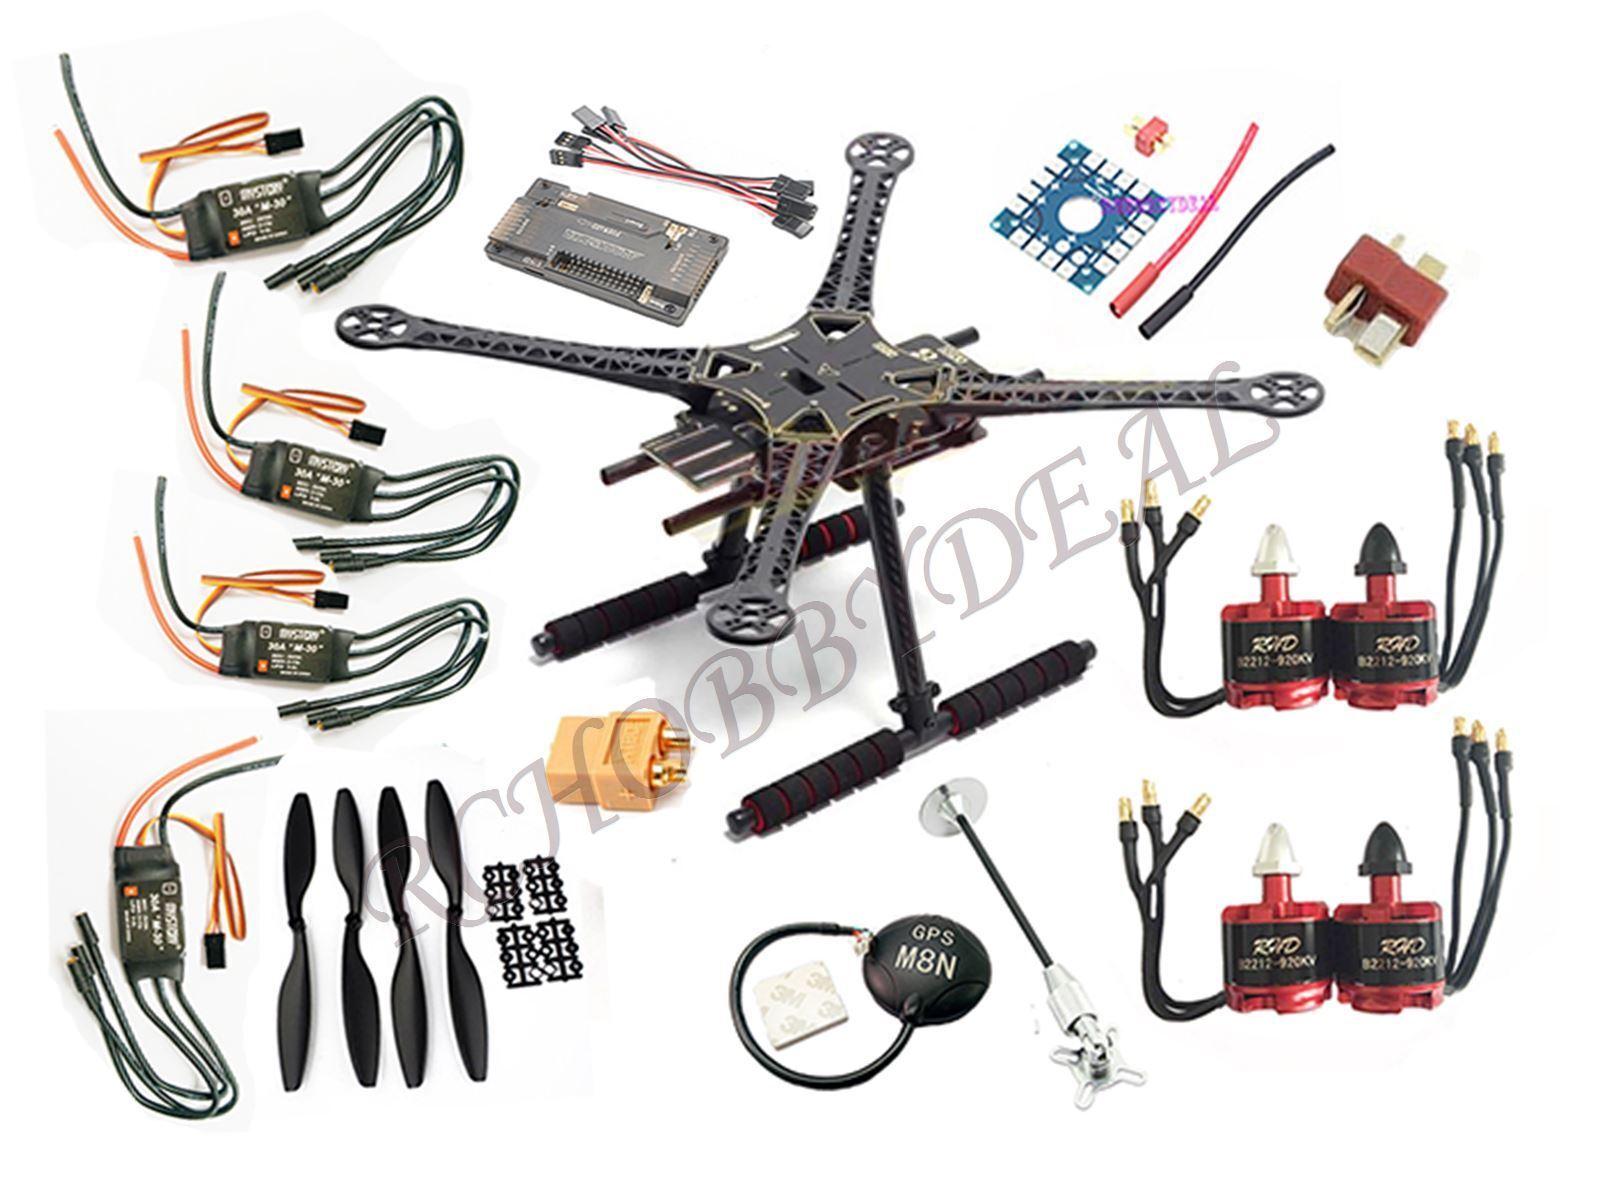 DIY s500  Quadcopter apm2.8 neo-m8n GPS b2212 920kv MOTORE cw&ccw SimonK 30a ESC  caldo